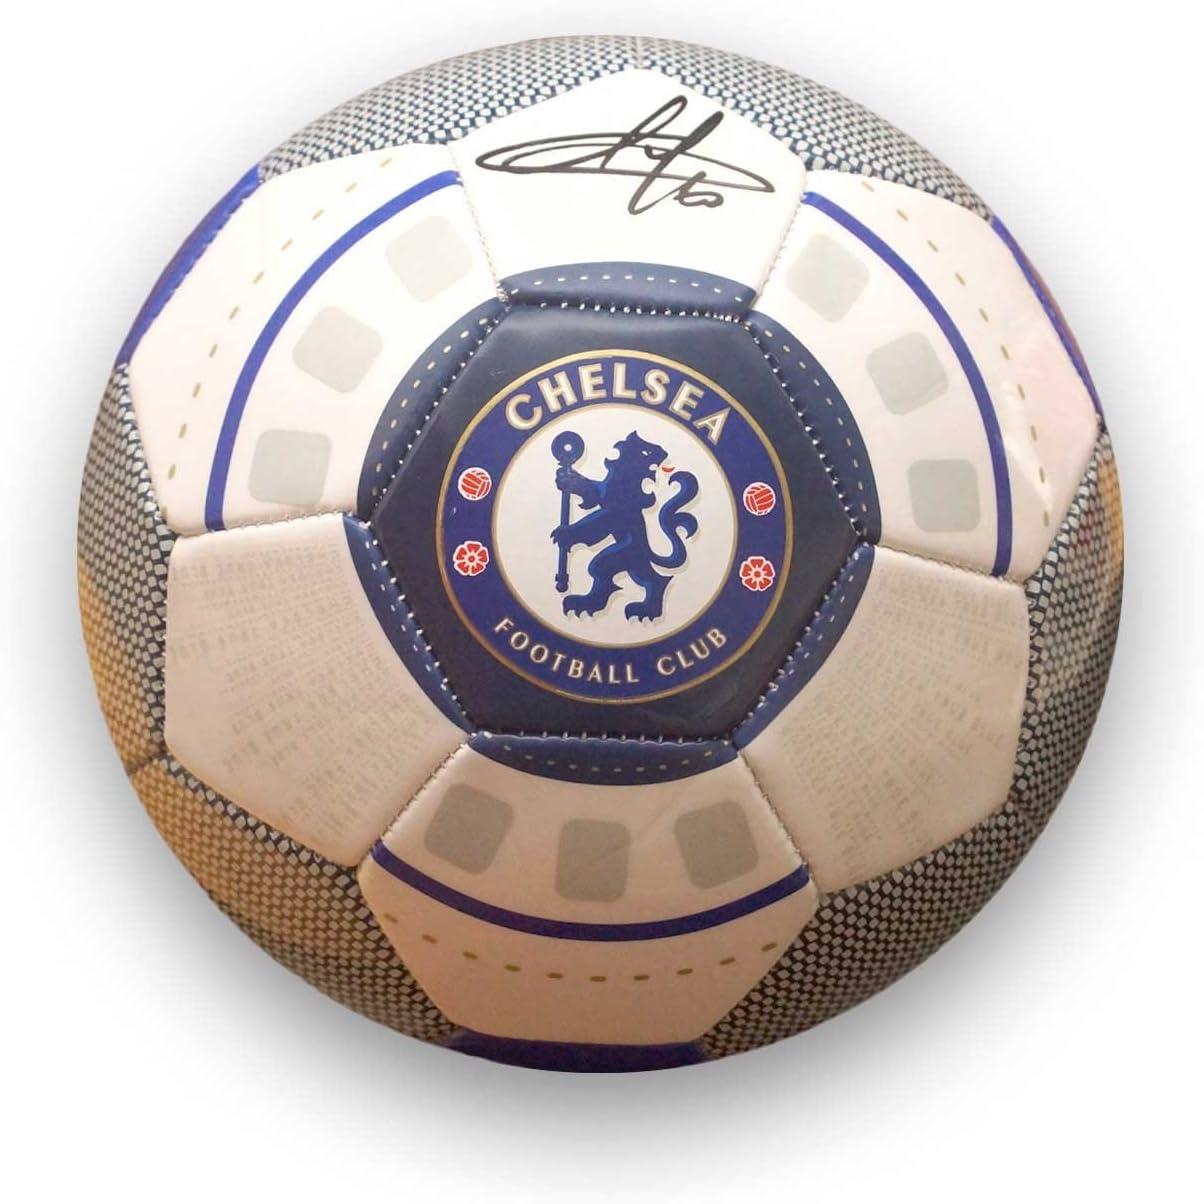 Eden Hazard Chelsea Football Firmado: Amazon.es: Deportes y aire libre